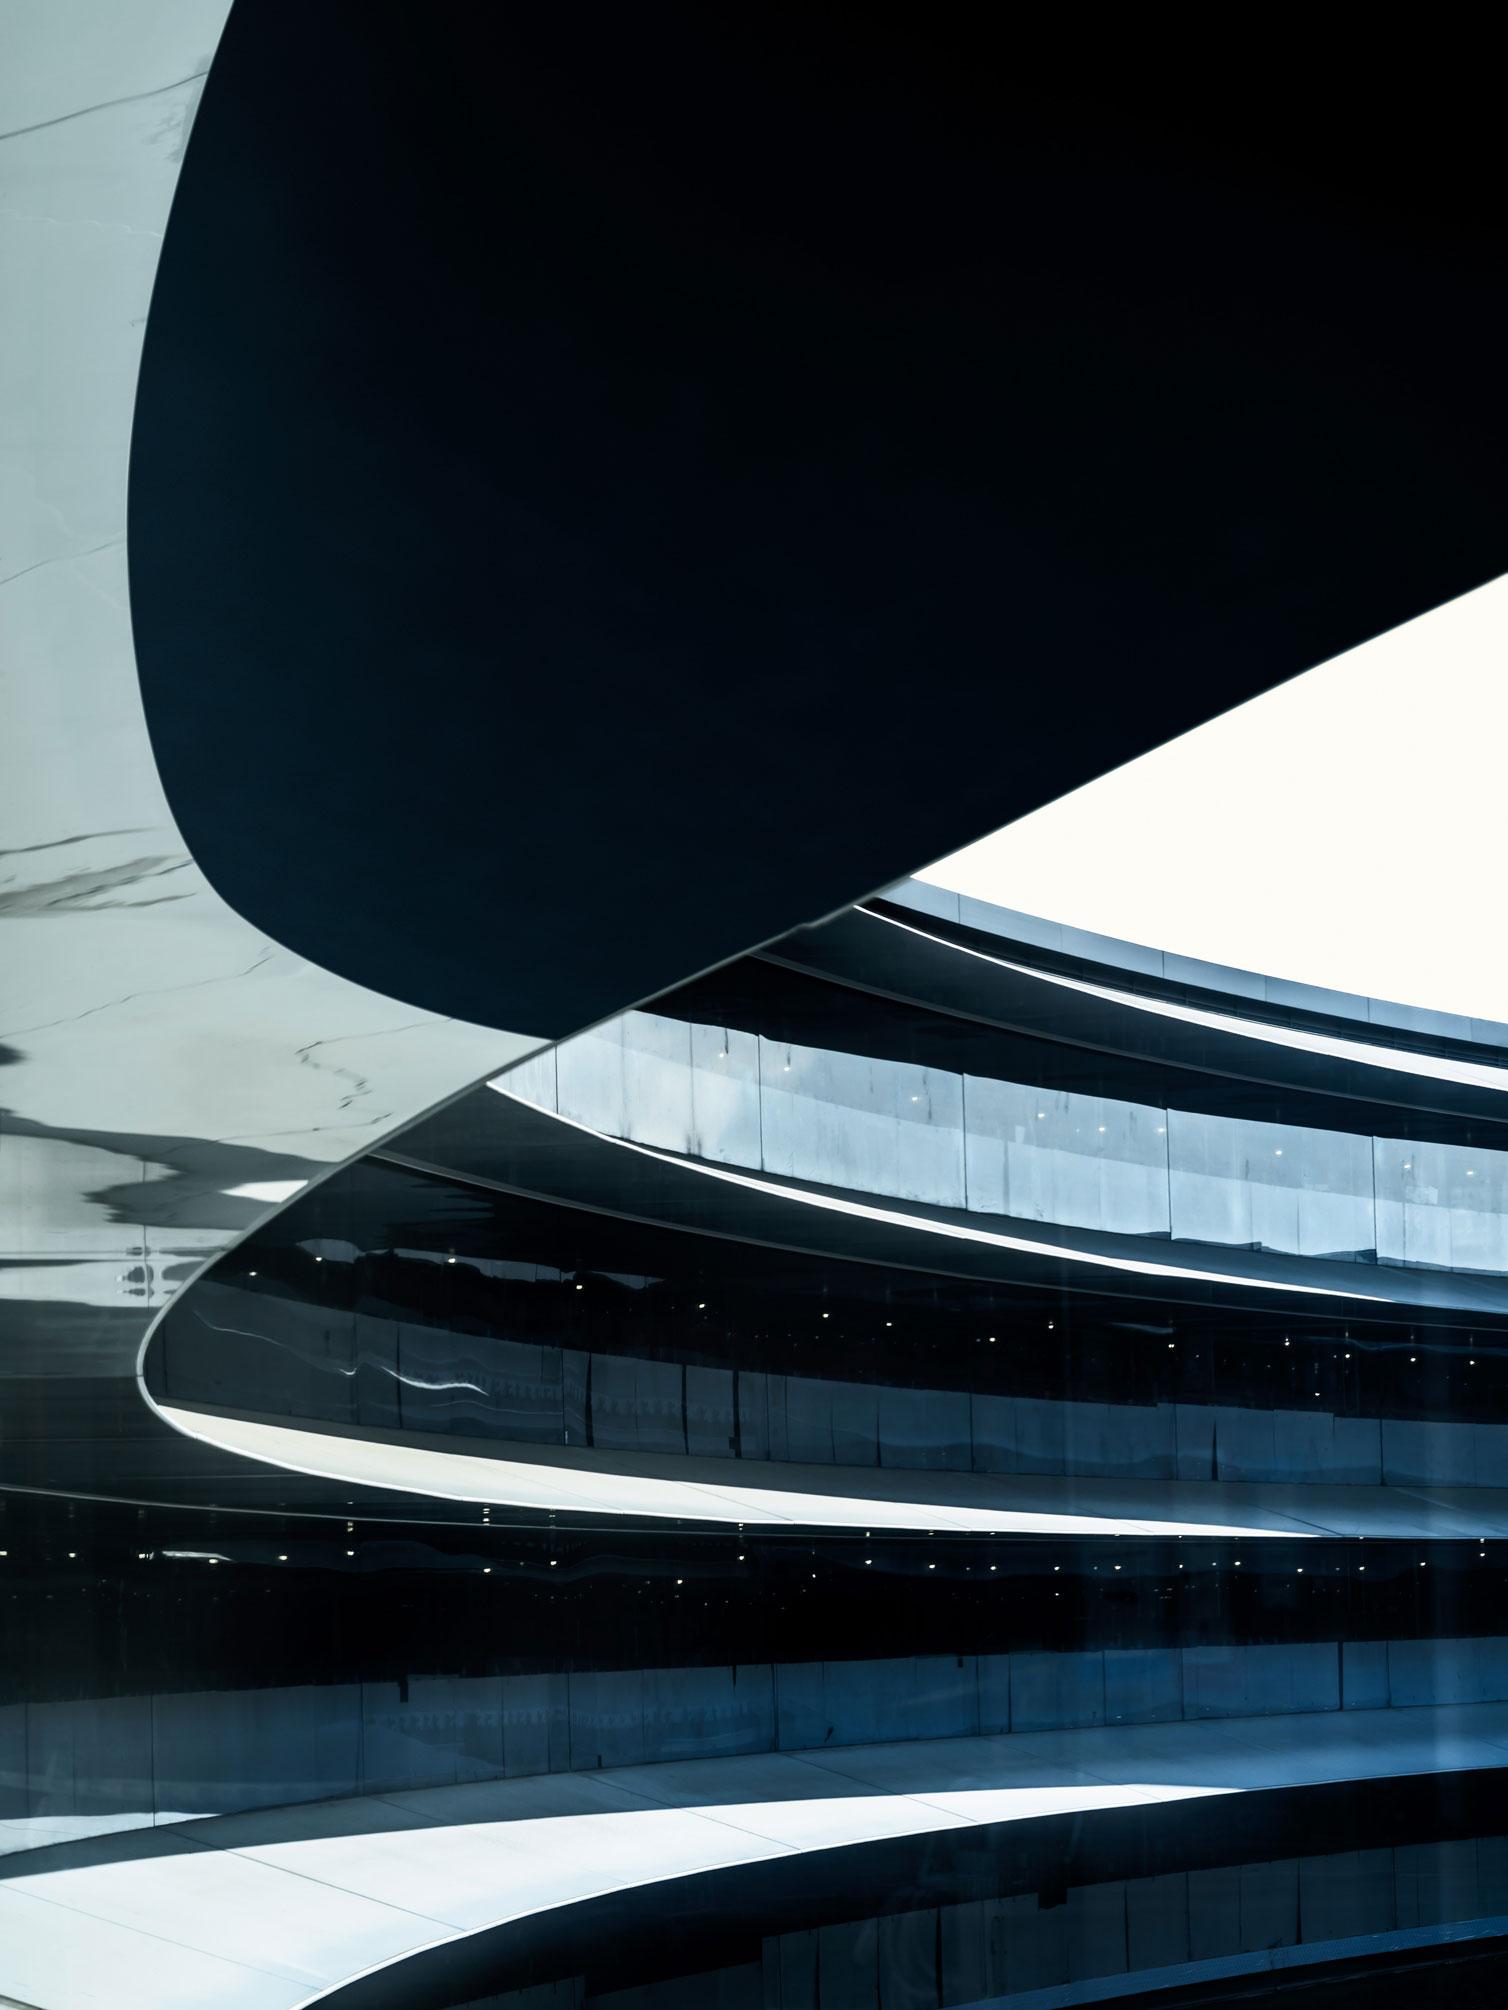 Detalhe das marquises do prédio principal do Apple Park